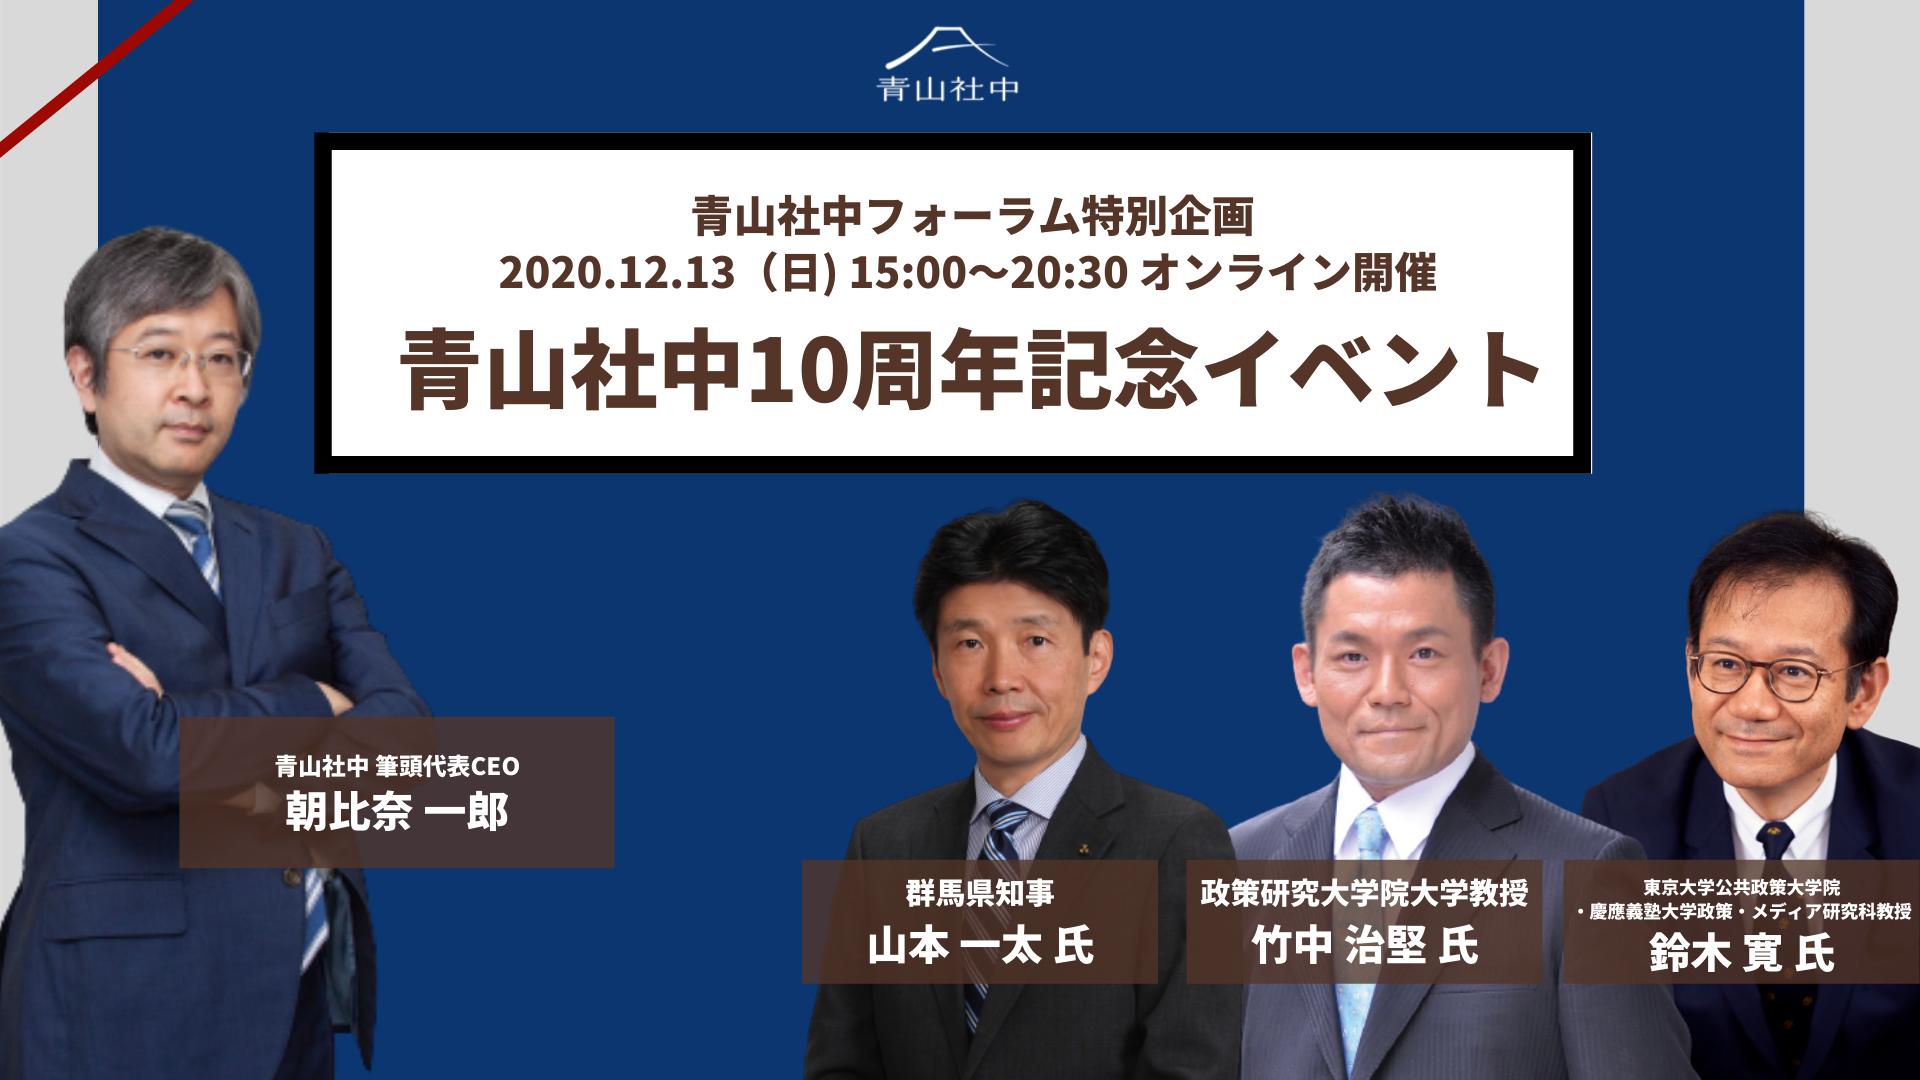 【参加無料/オンライン配信】青山社中10周年特別企画!10周年記念オンラインイベントを開催!